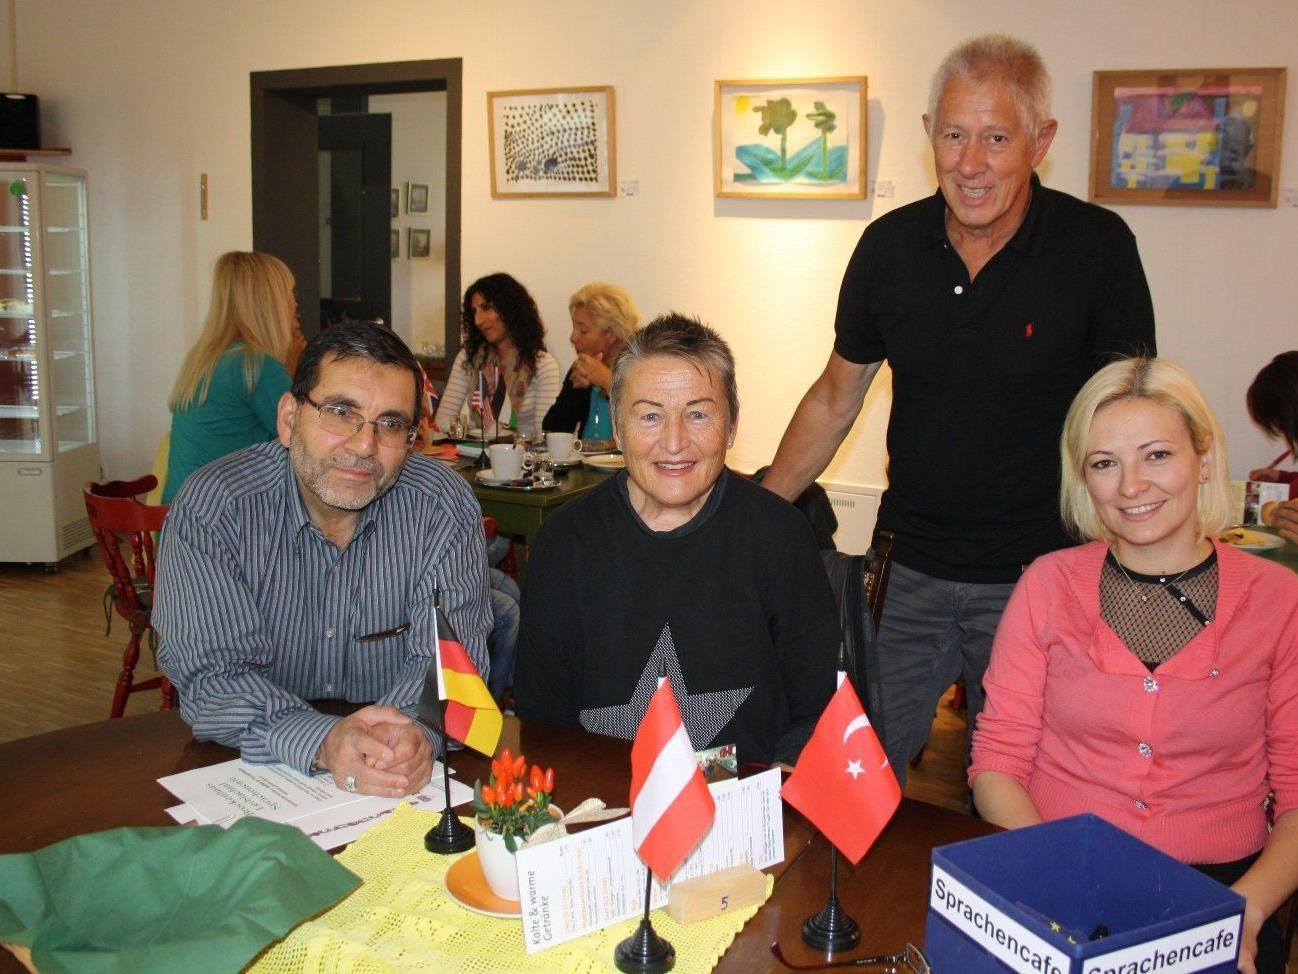 """Das Team um Projektleiter Peter Pongratz lädt die türkischen Mitbewohnerinnen und Mitbewohner zu Begegnung und Unterhaltung ins """"Sprachencafe"""" im Brockenhaus."""